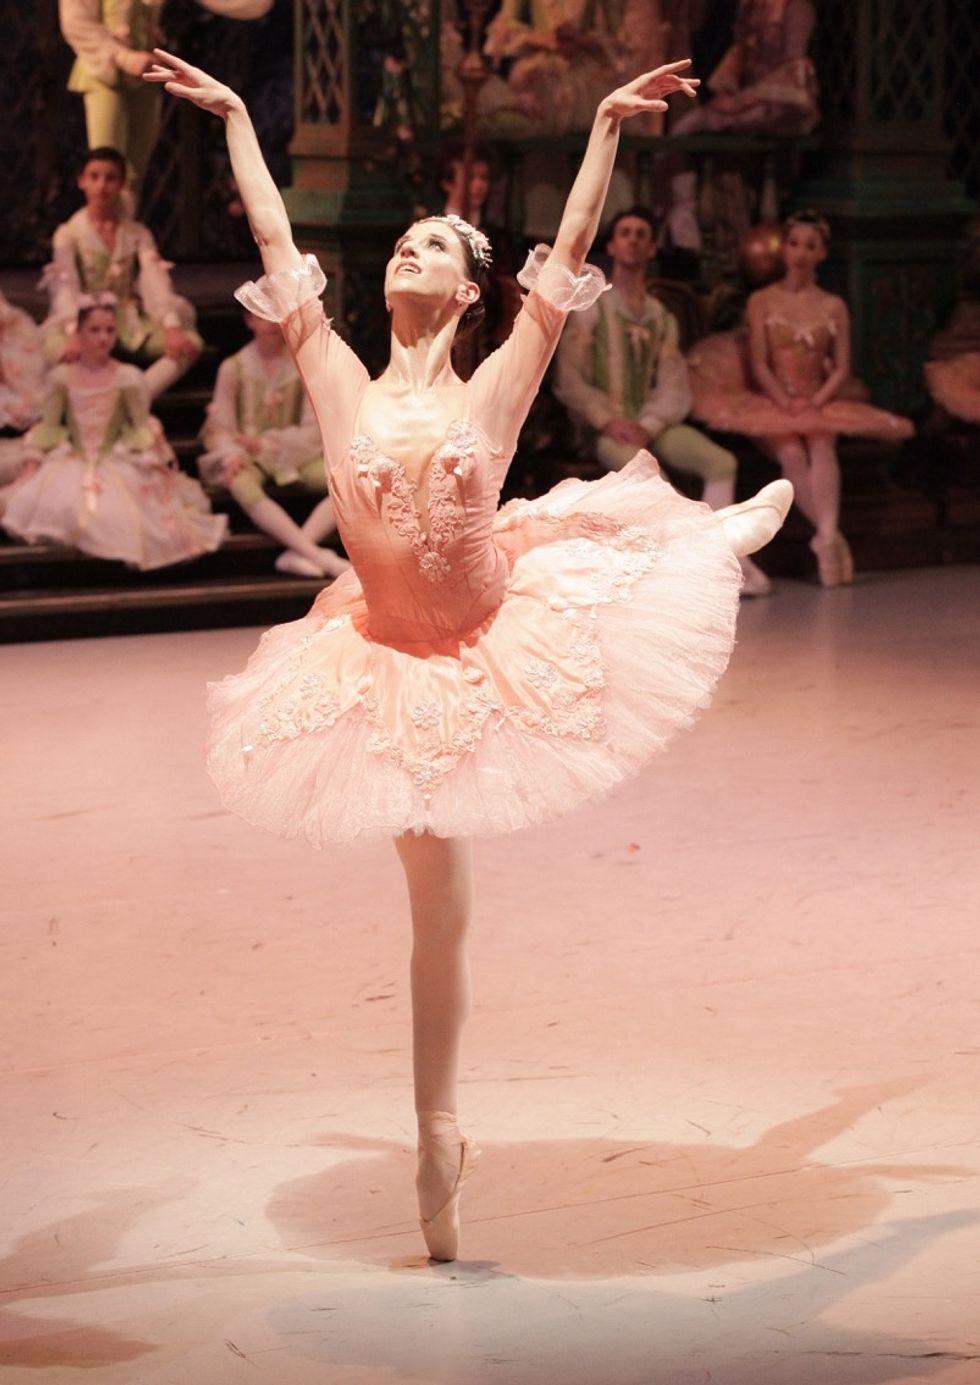 Maria Seletskaya wearing a pink tutu performing an arabesque balance on pointe